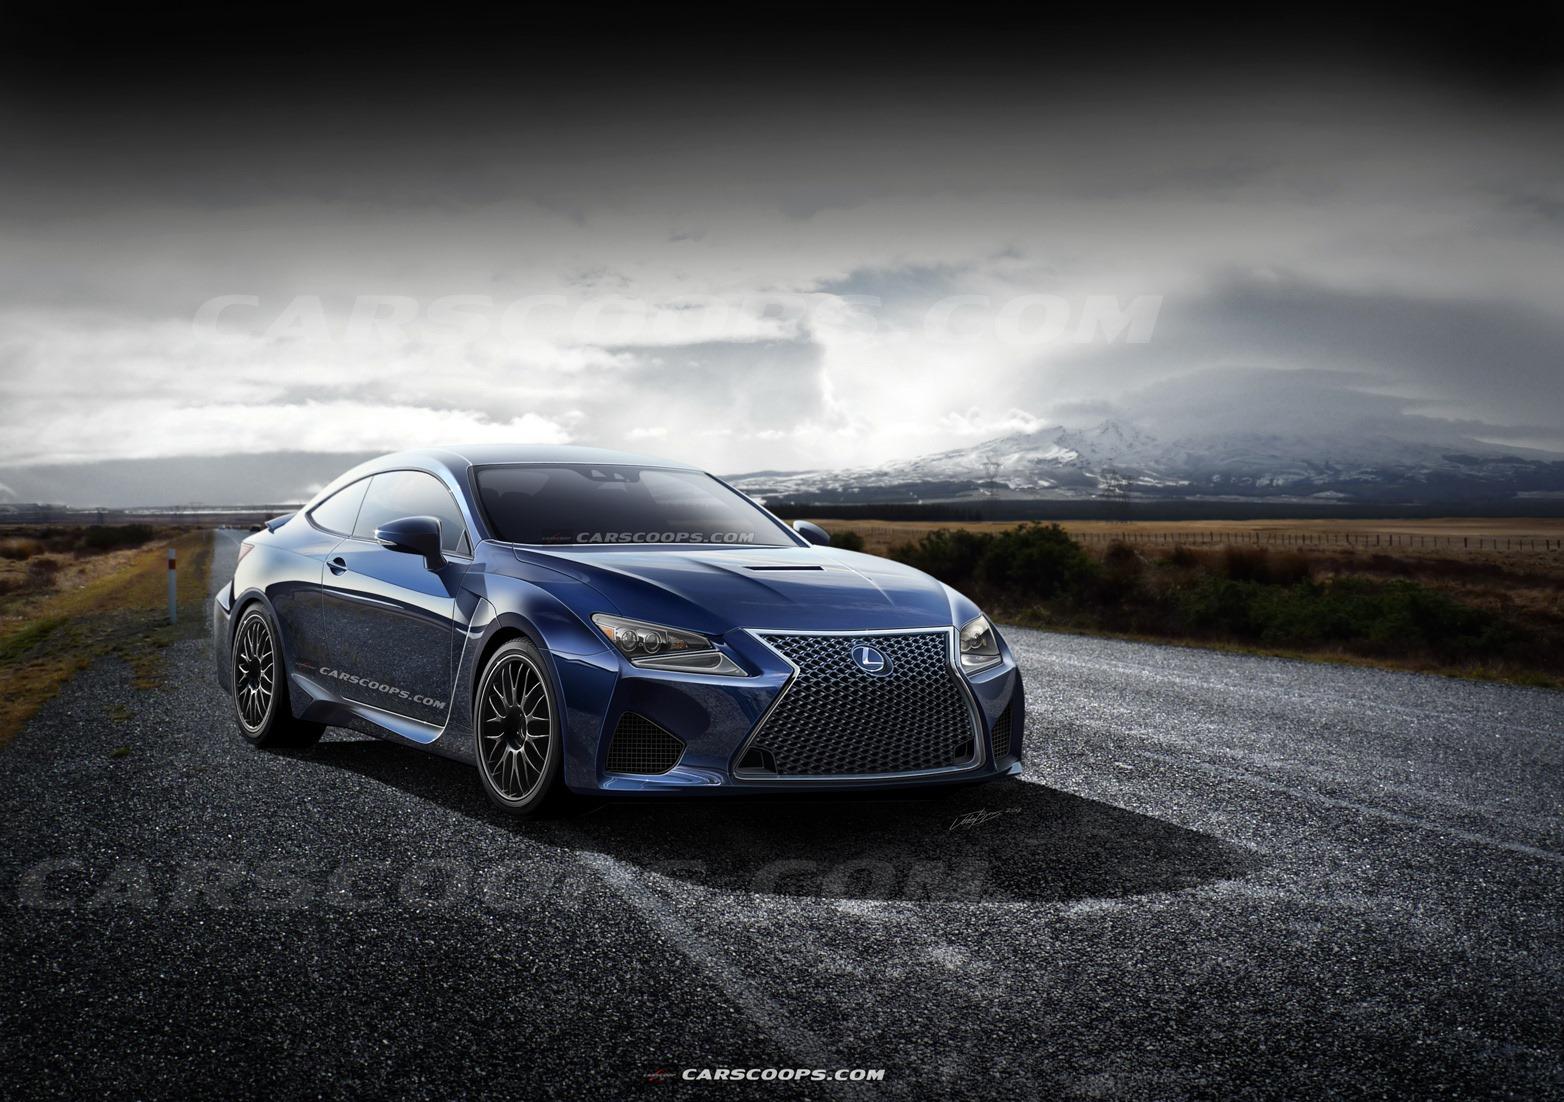 2014 - [Lexus] RC Coupé / RC-F - Page 2 2015-Lexus-RC-F-Carscoops-Copyright-1%25255B4%25255D